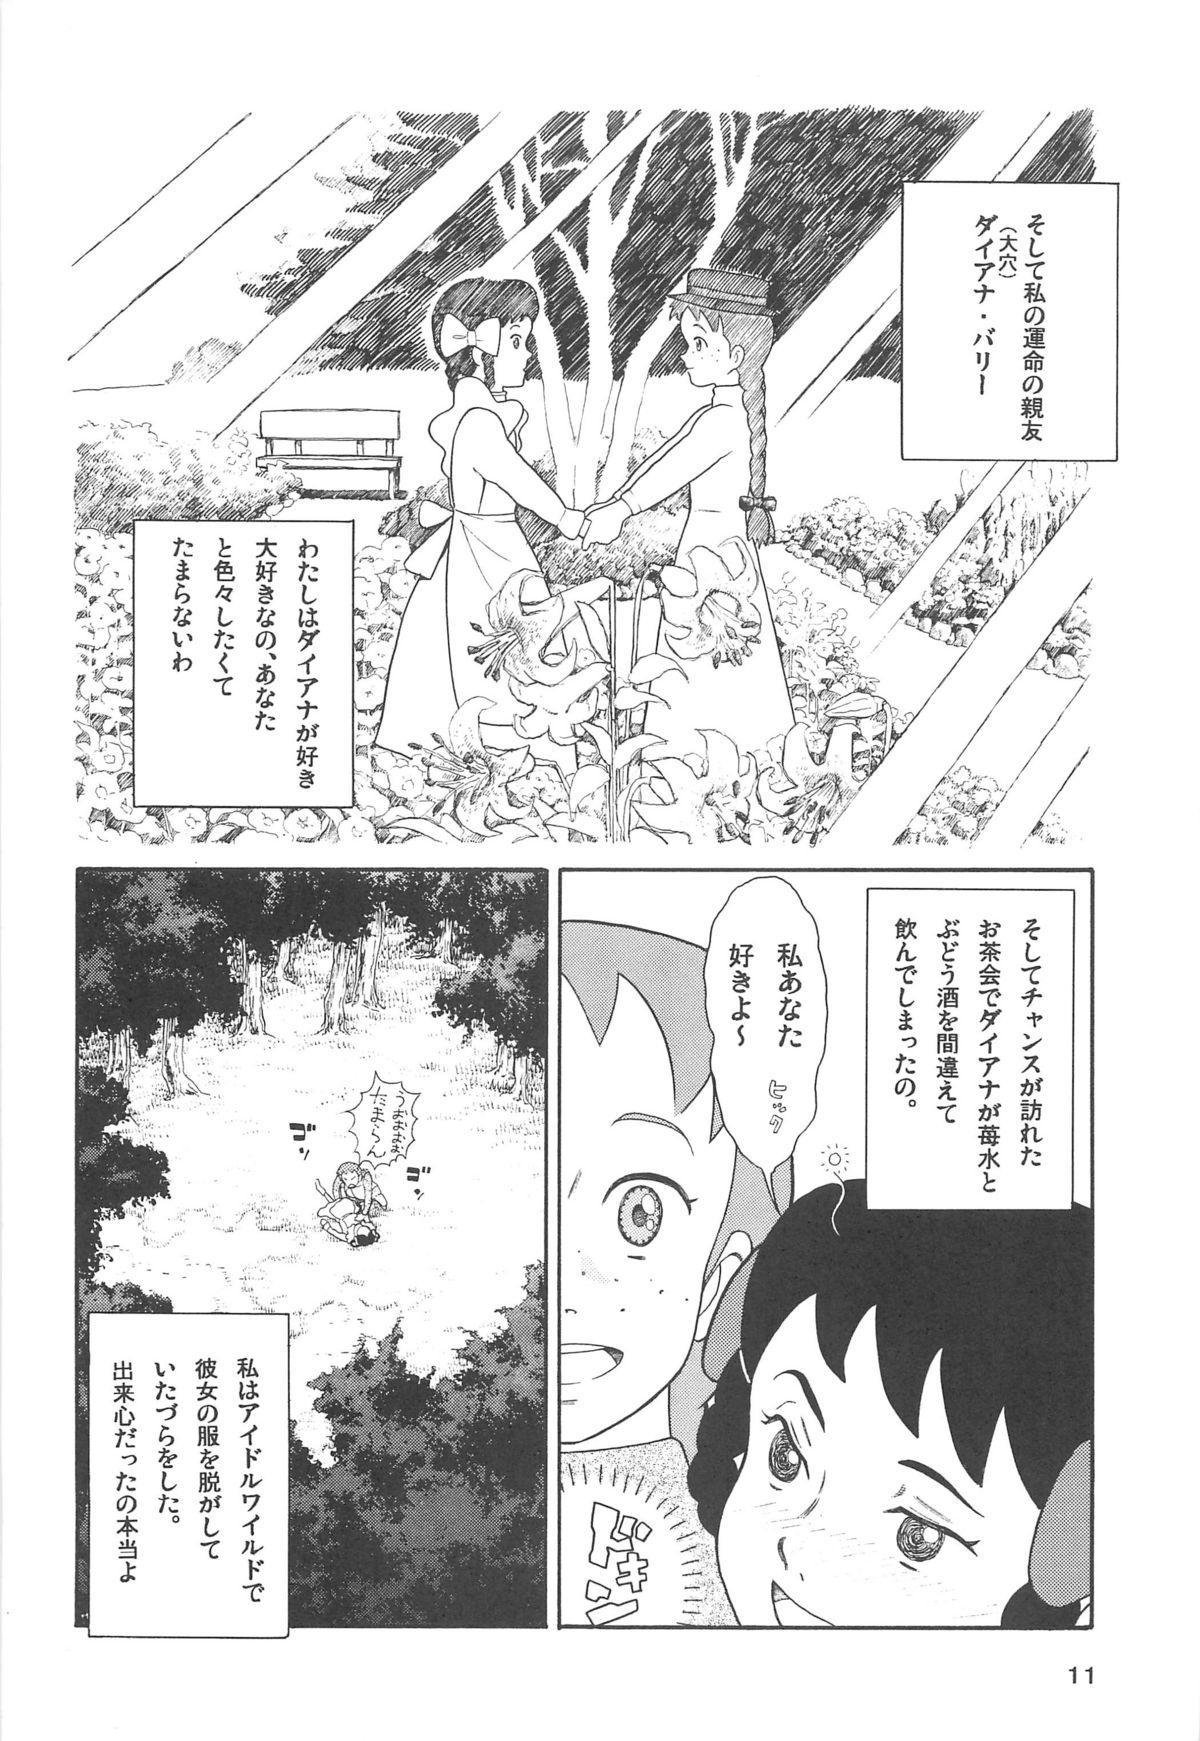 Hatch & Zukki no Sekai Meisaku Gekijou 10